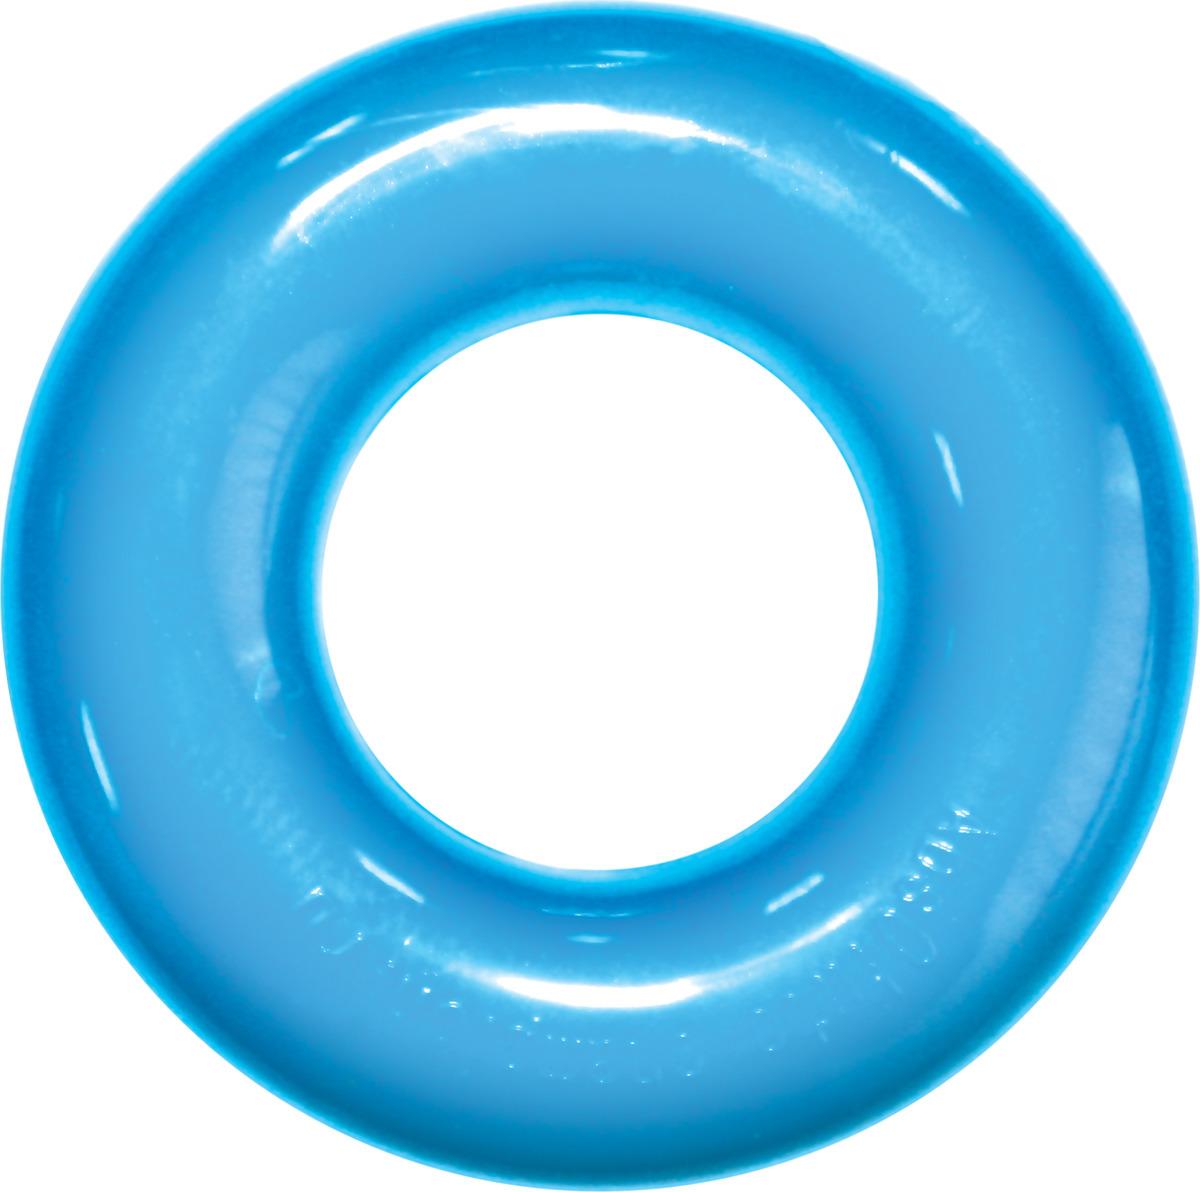 Эспандер Absolute Champion, 4690337021081, голубой, усилие 30 кг